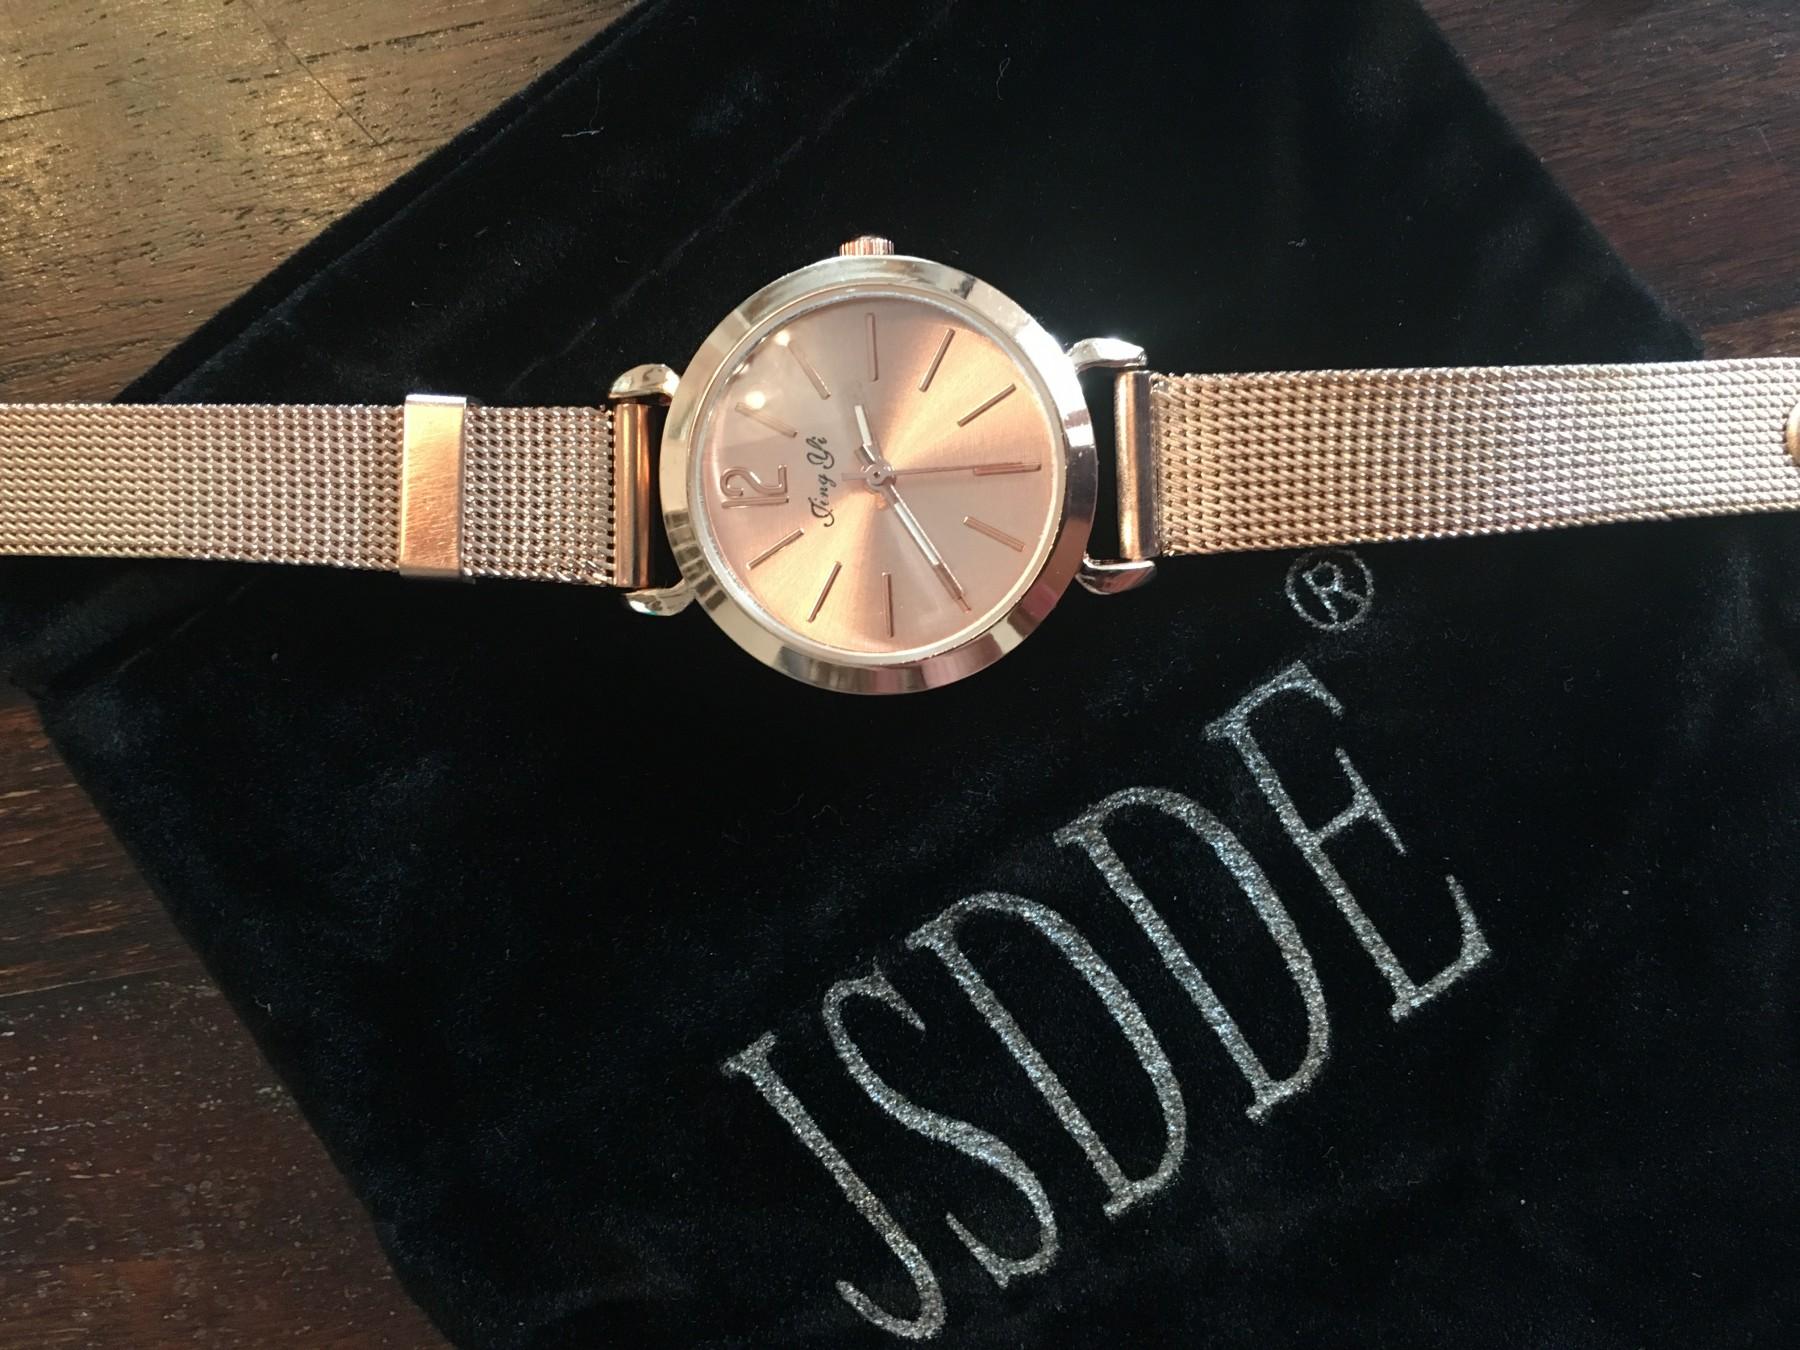 Sehr schöne Uhr